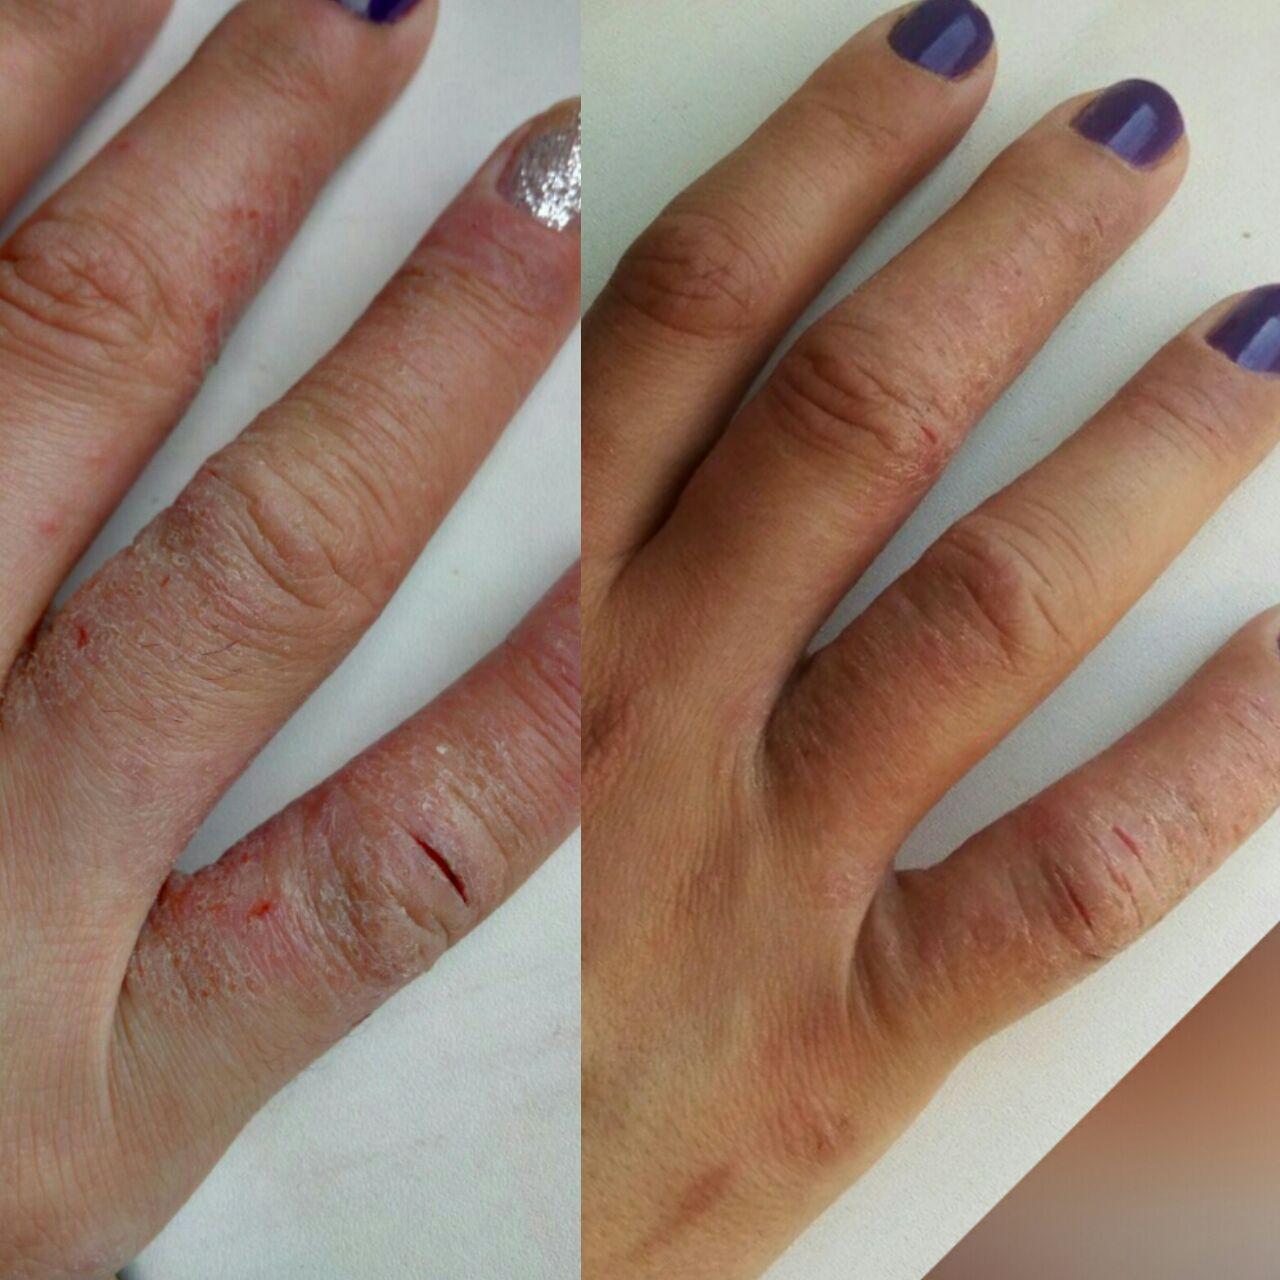 псориаз, до и после лечения